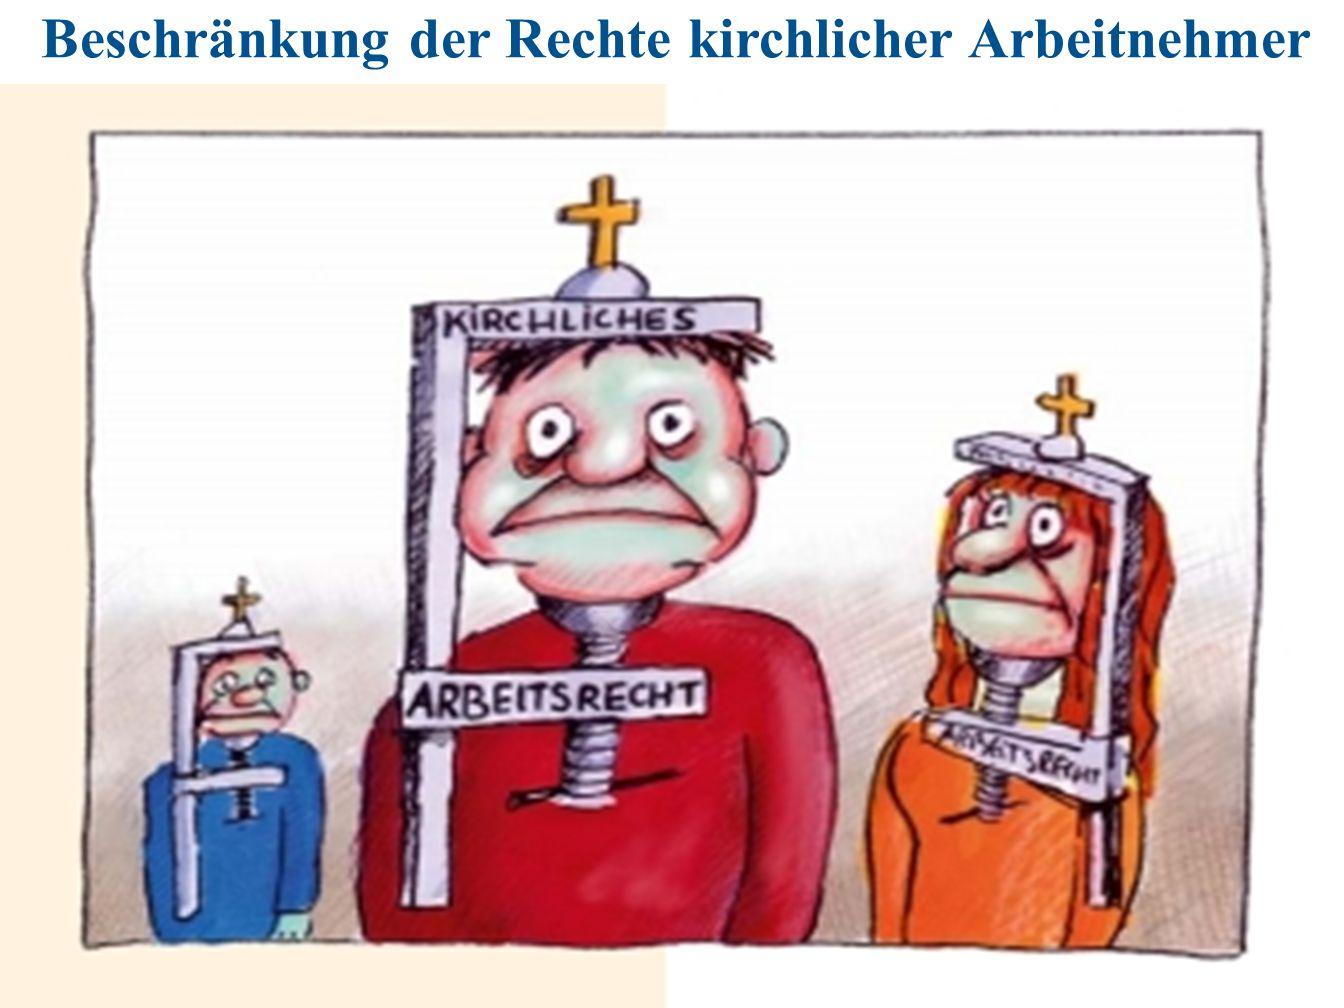 155 Beschränkung der Rechte kirchlicher Arbeitnehmer Einschränkung der betrieblichen Mitbestimmun g weitgehendes Verbot des Streiks als Mittel zur Erz